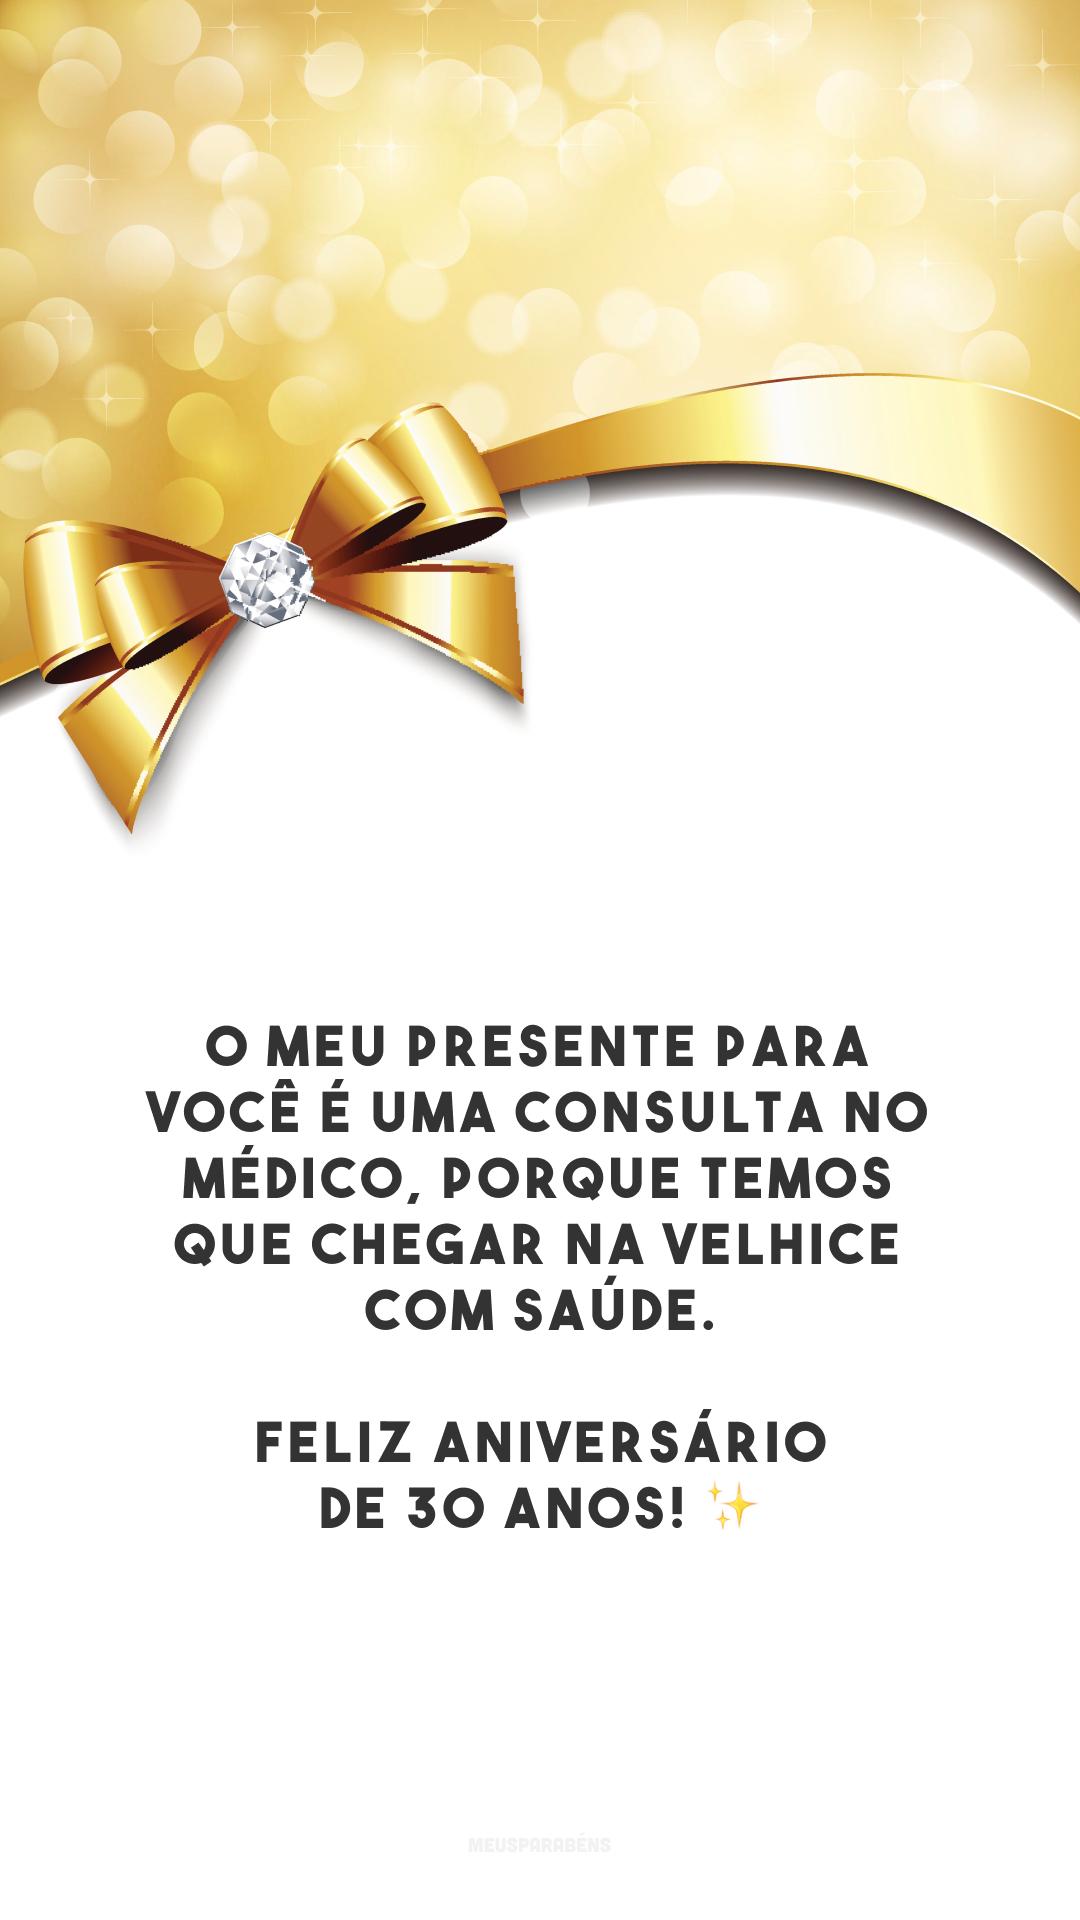 O meu presente para você é uma consulta no médico, porque temos que chegar na velhice com saúde. Feliz aniversário de 30 anos! ✨